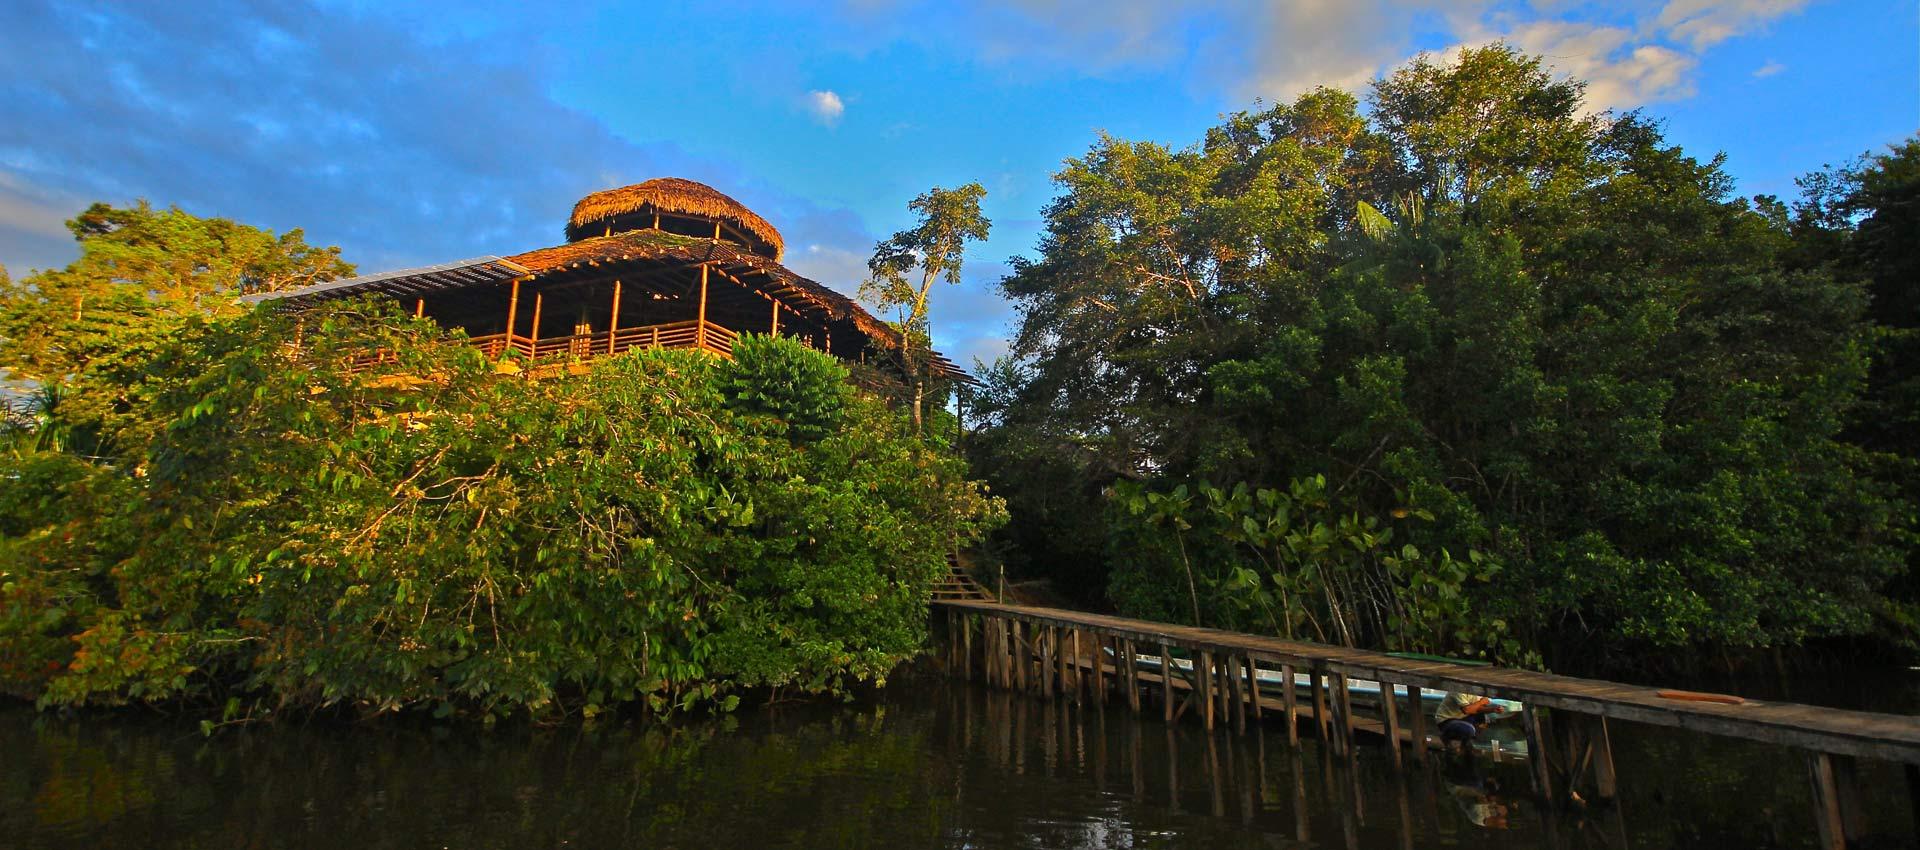 La Selva Ecolodge, Amazon